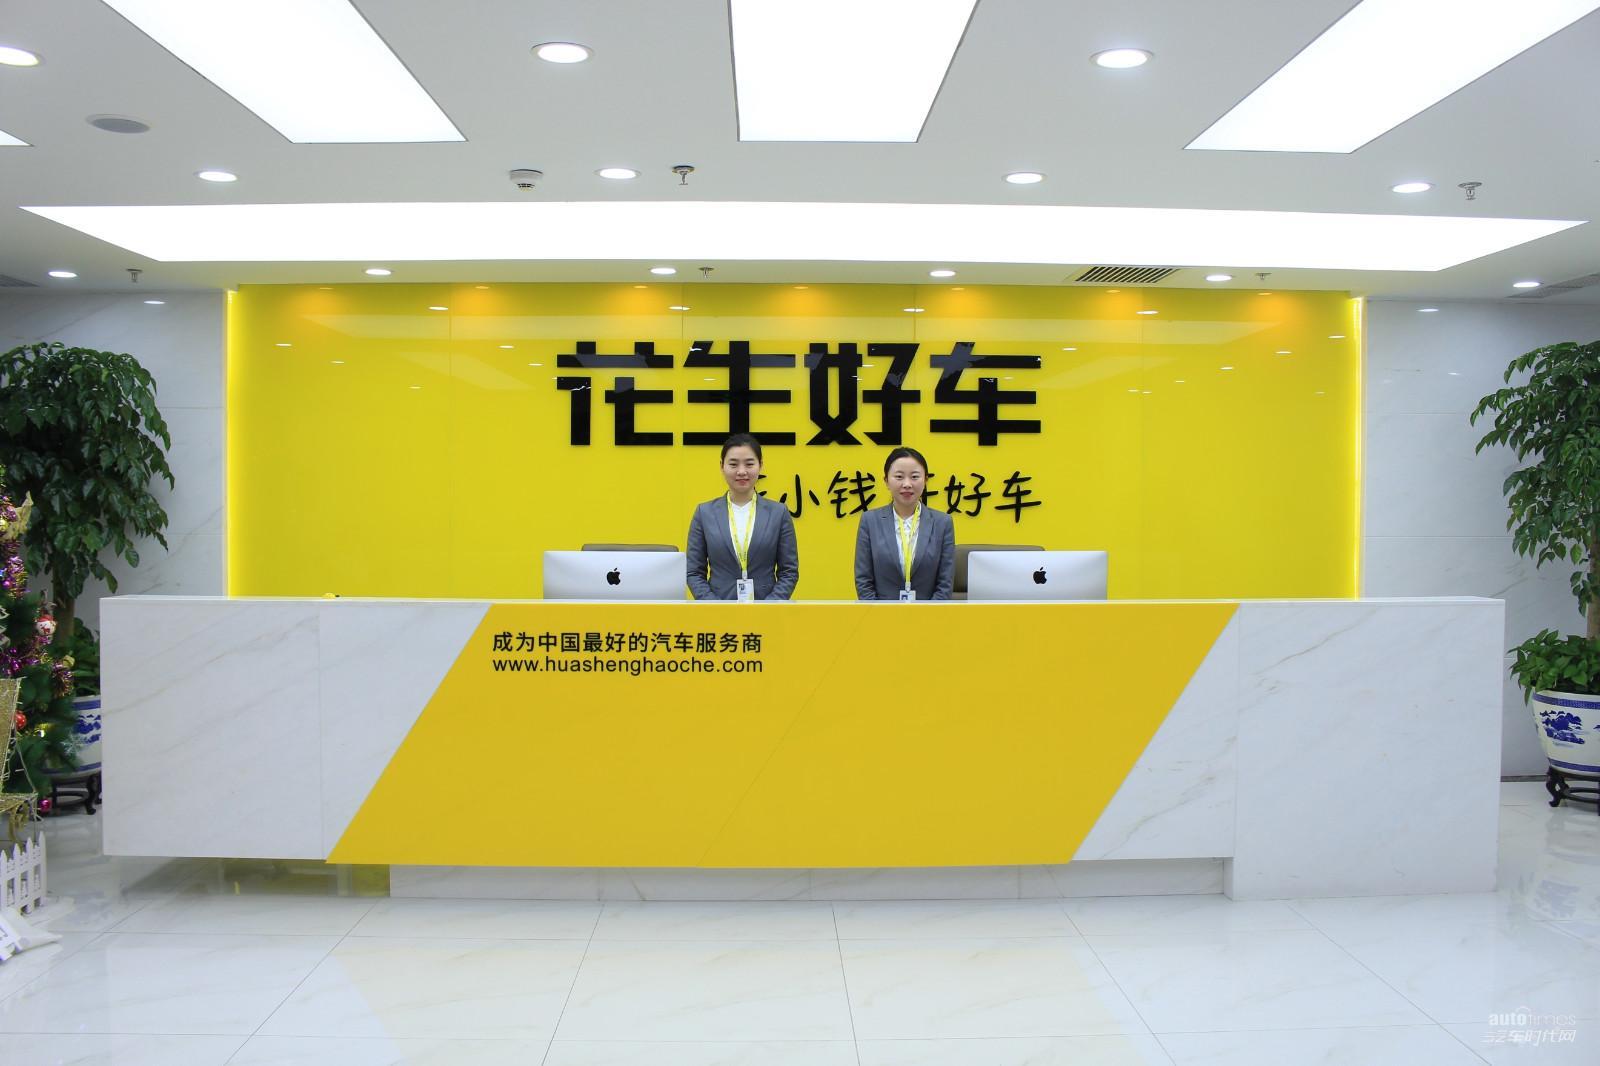 长沙捷腾汽车服务有限公司